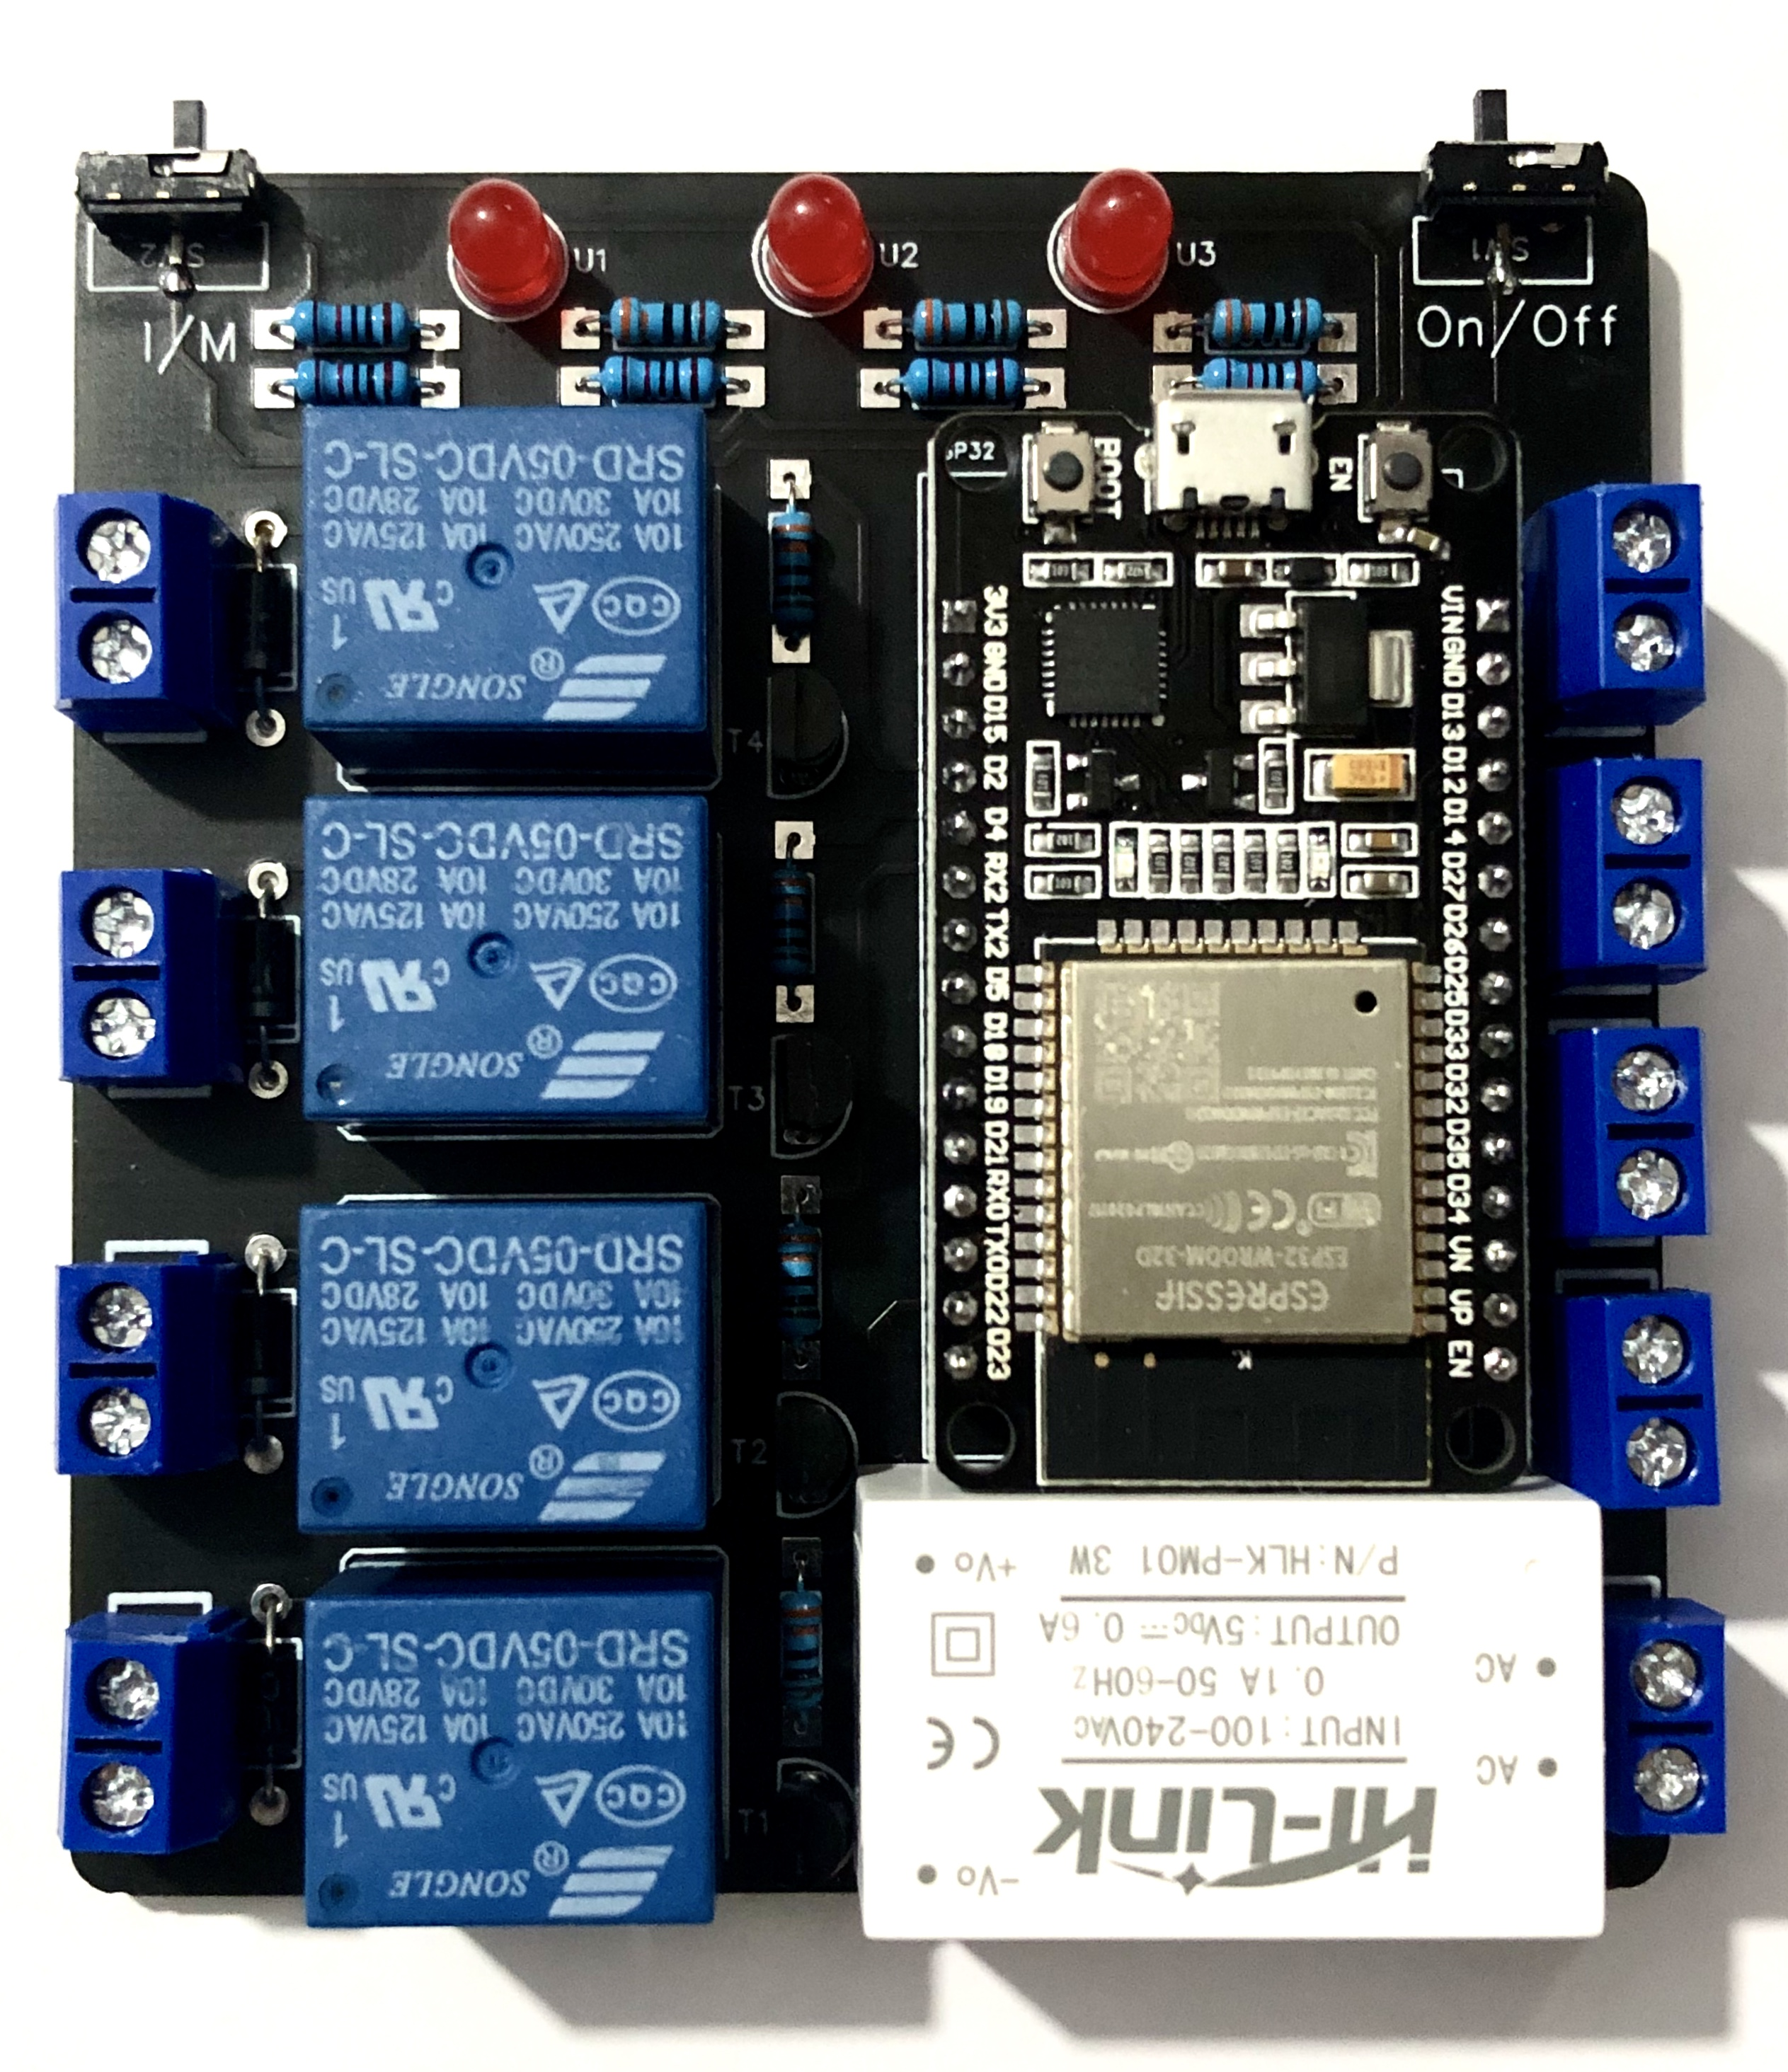 ESP32-4路远程智能开关(支持手动开关/MQTT远程控制/安卓APP控制/蓝牙控制)